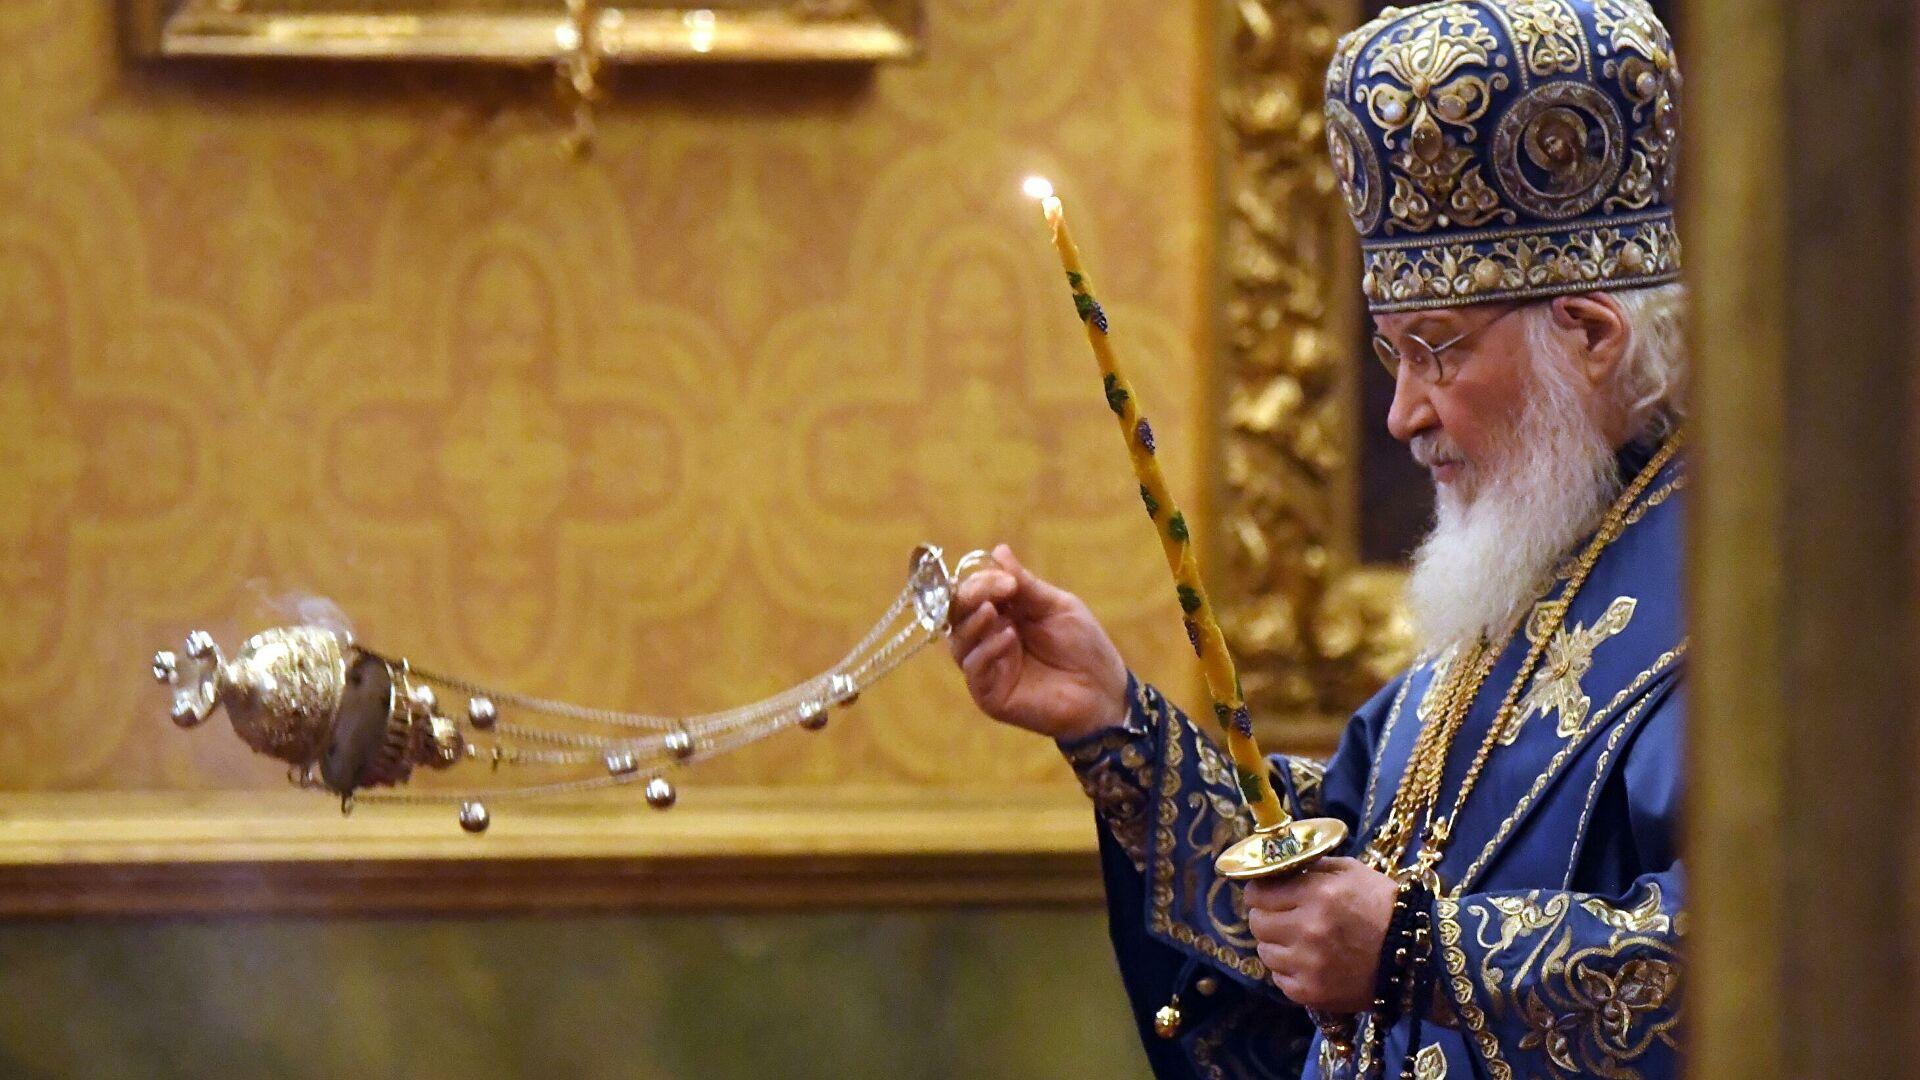 Патријарх Кирил служио заупокојену литургију преминулом патријарху Иринеју